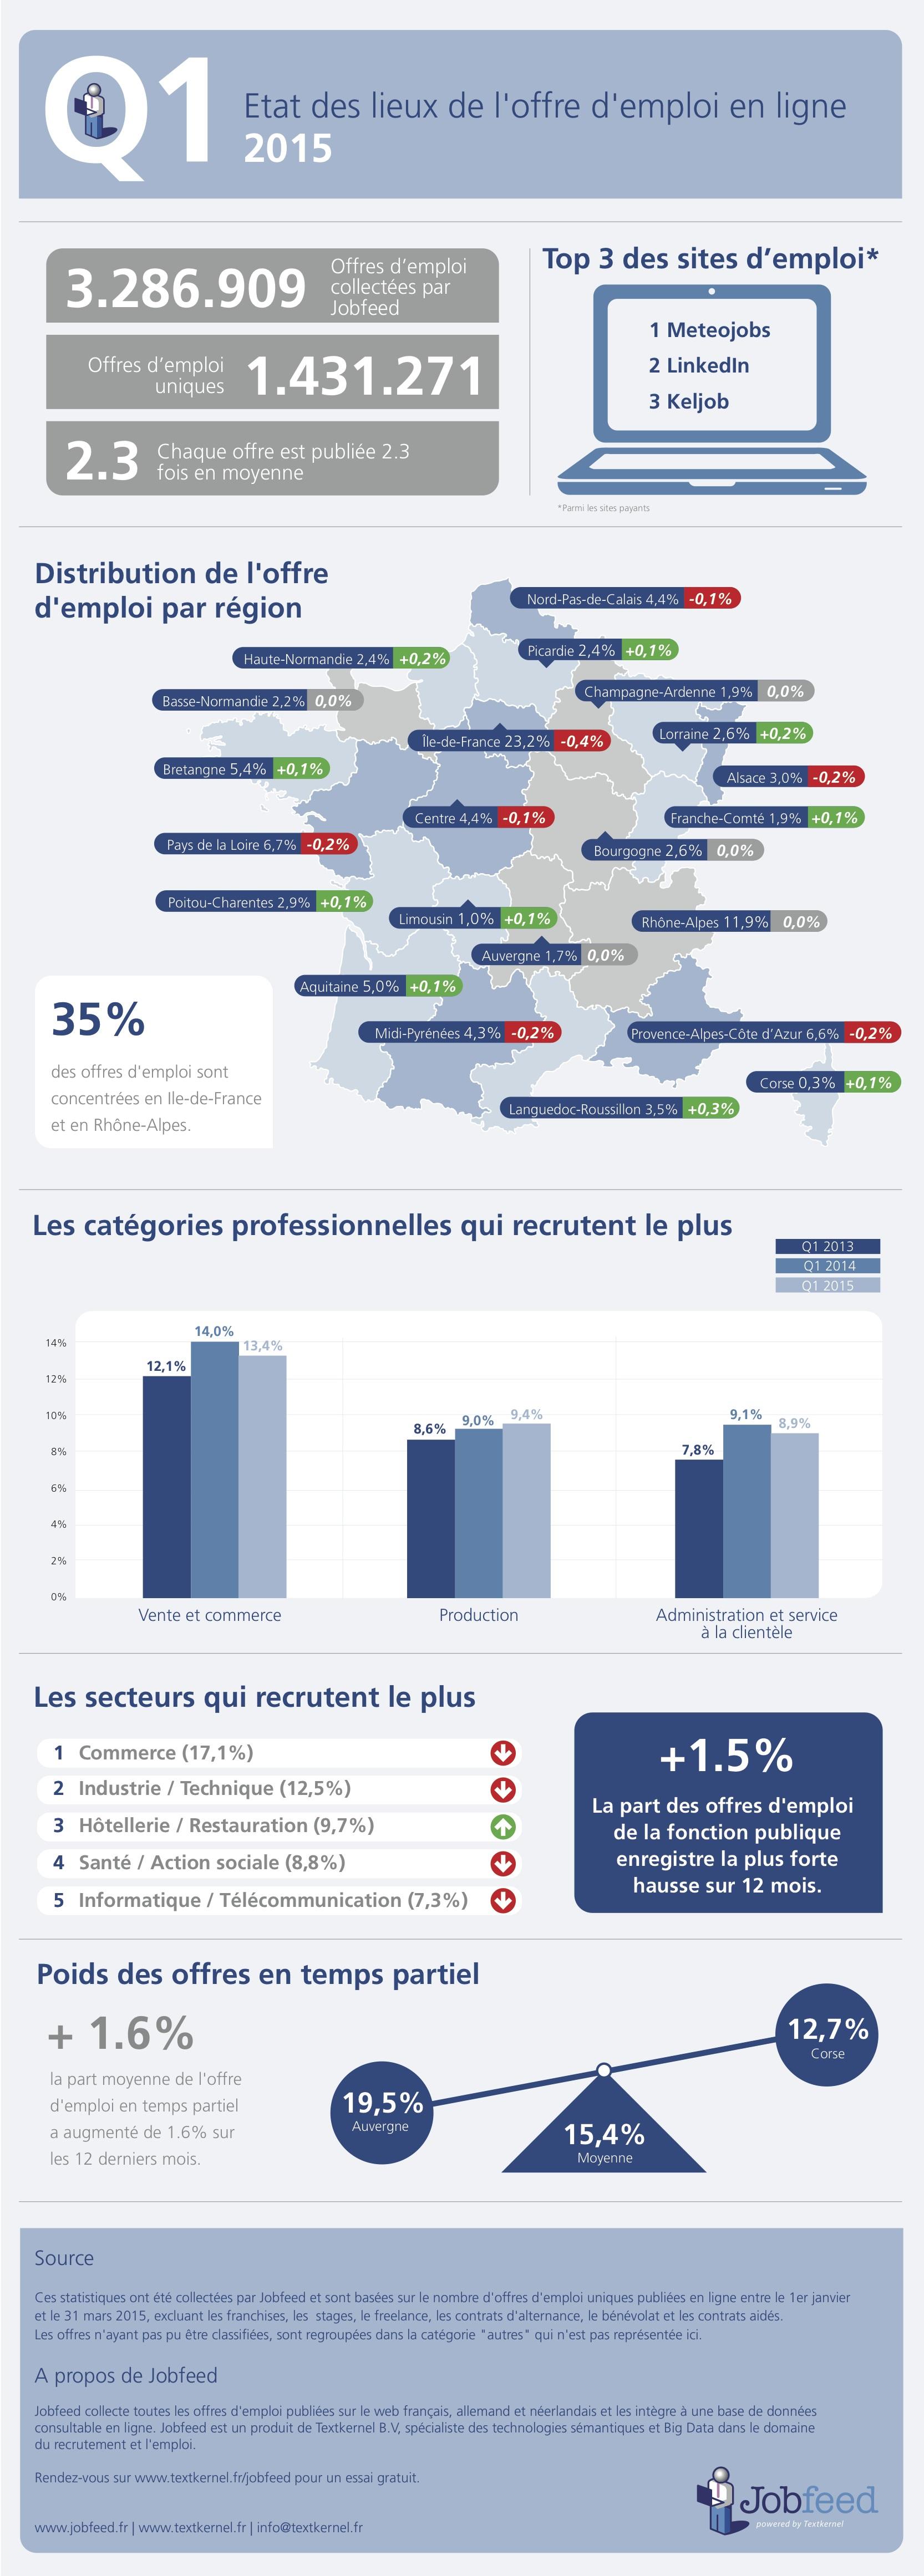 Etat-des-lieux-de-loffre-demploi-en-ligne-Q1-2015